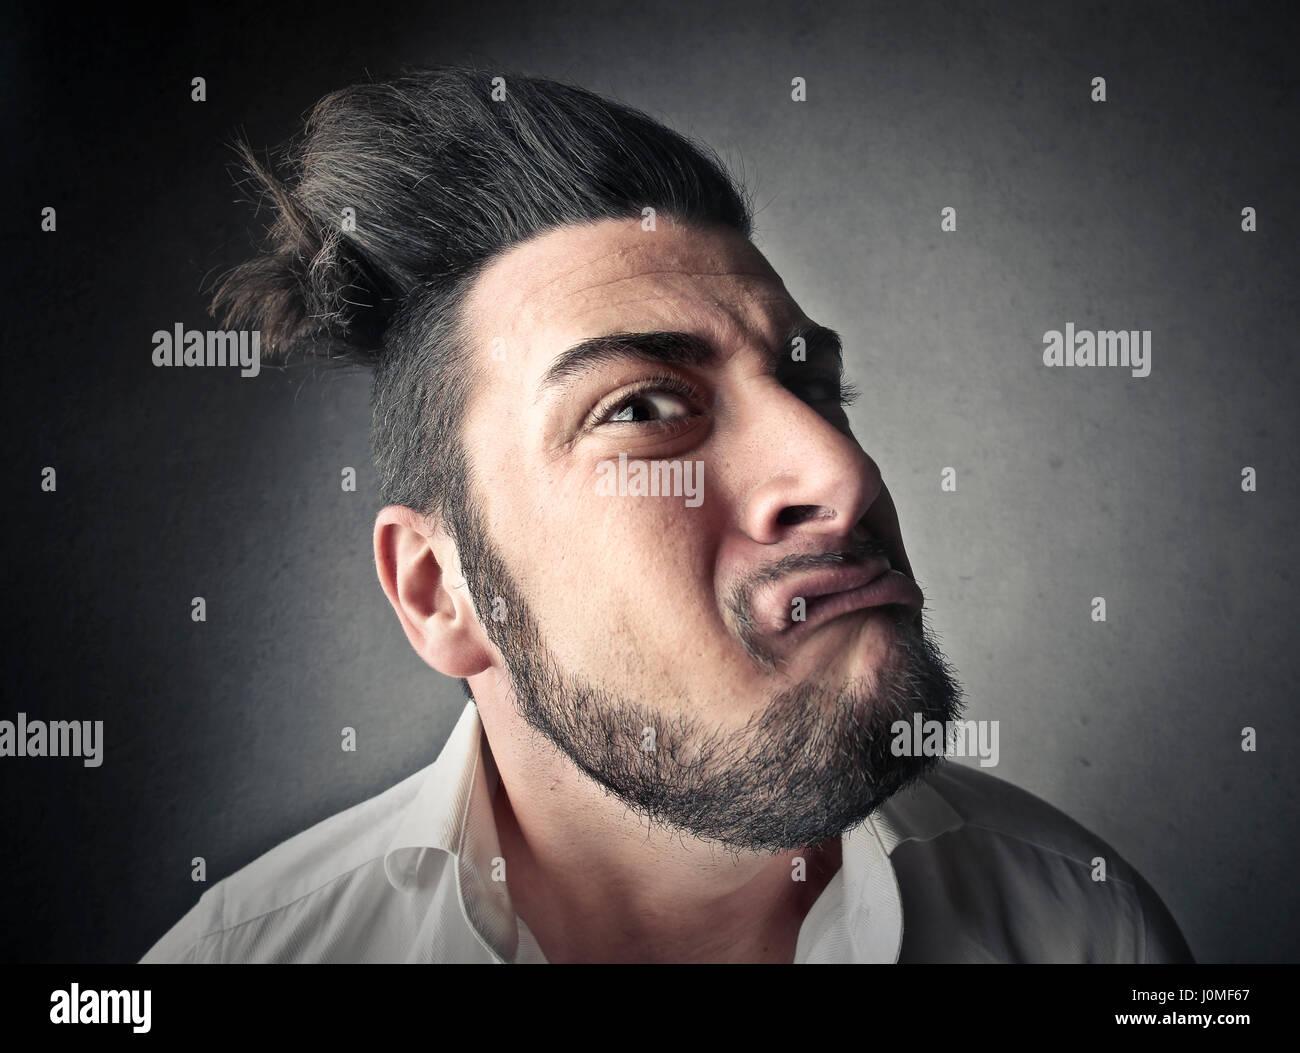 Mad Man haciendo mueca Imagen De Stock